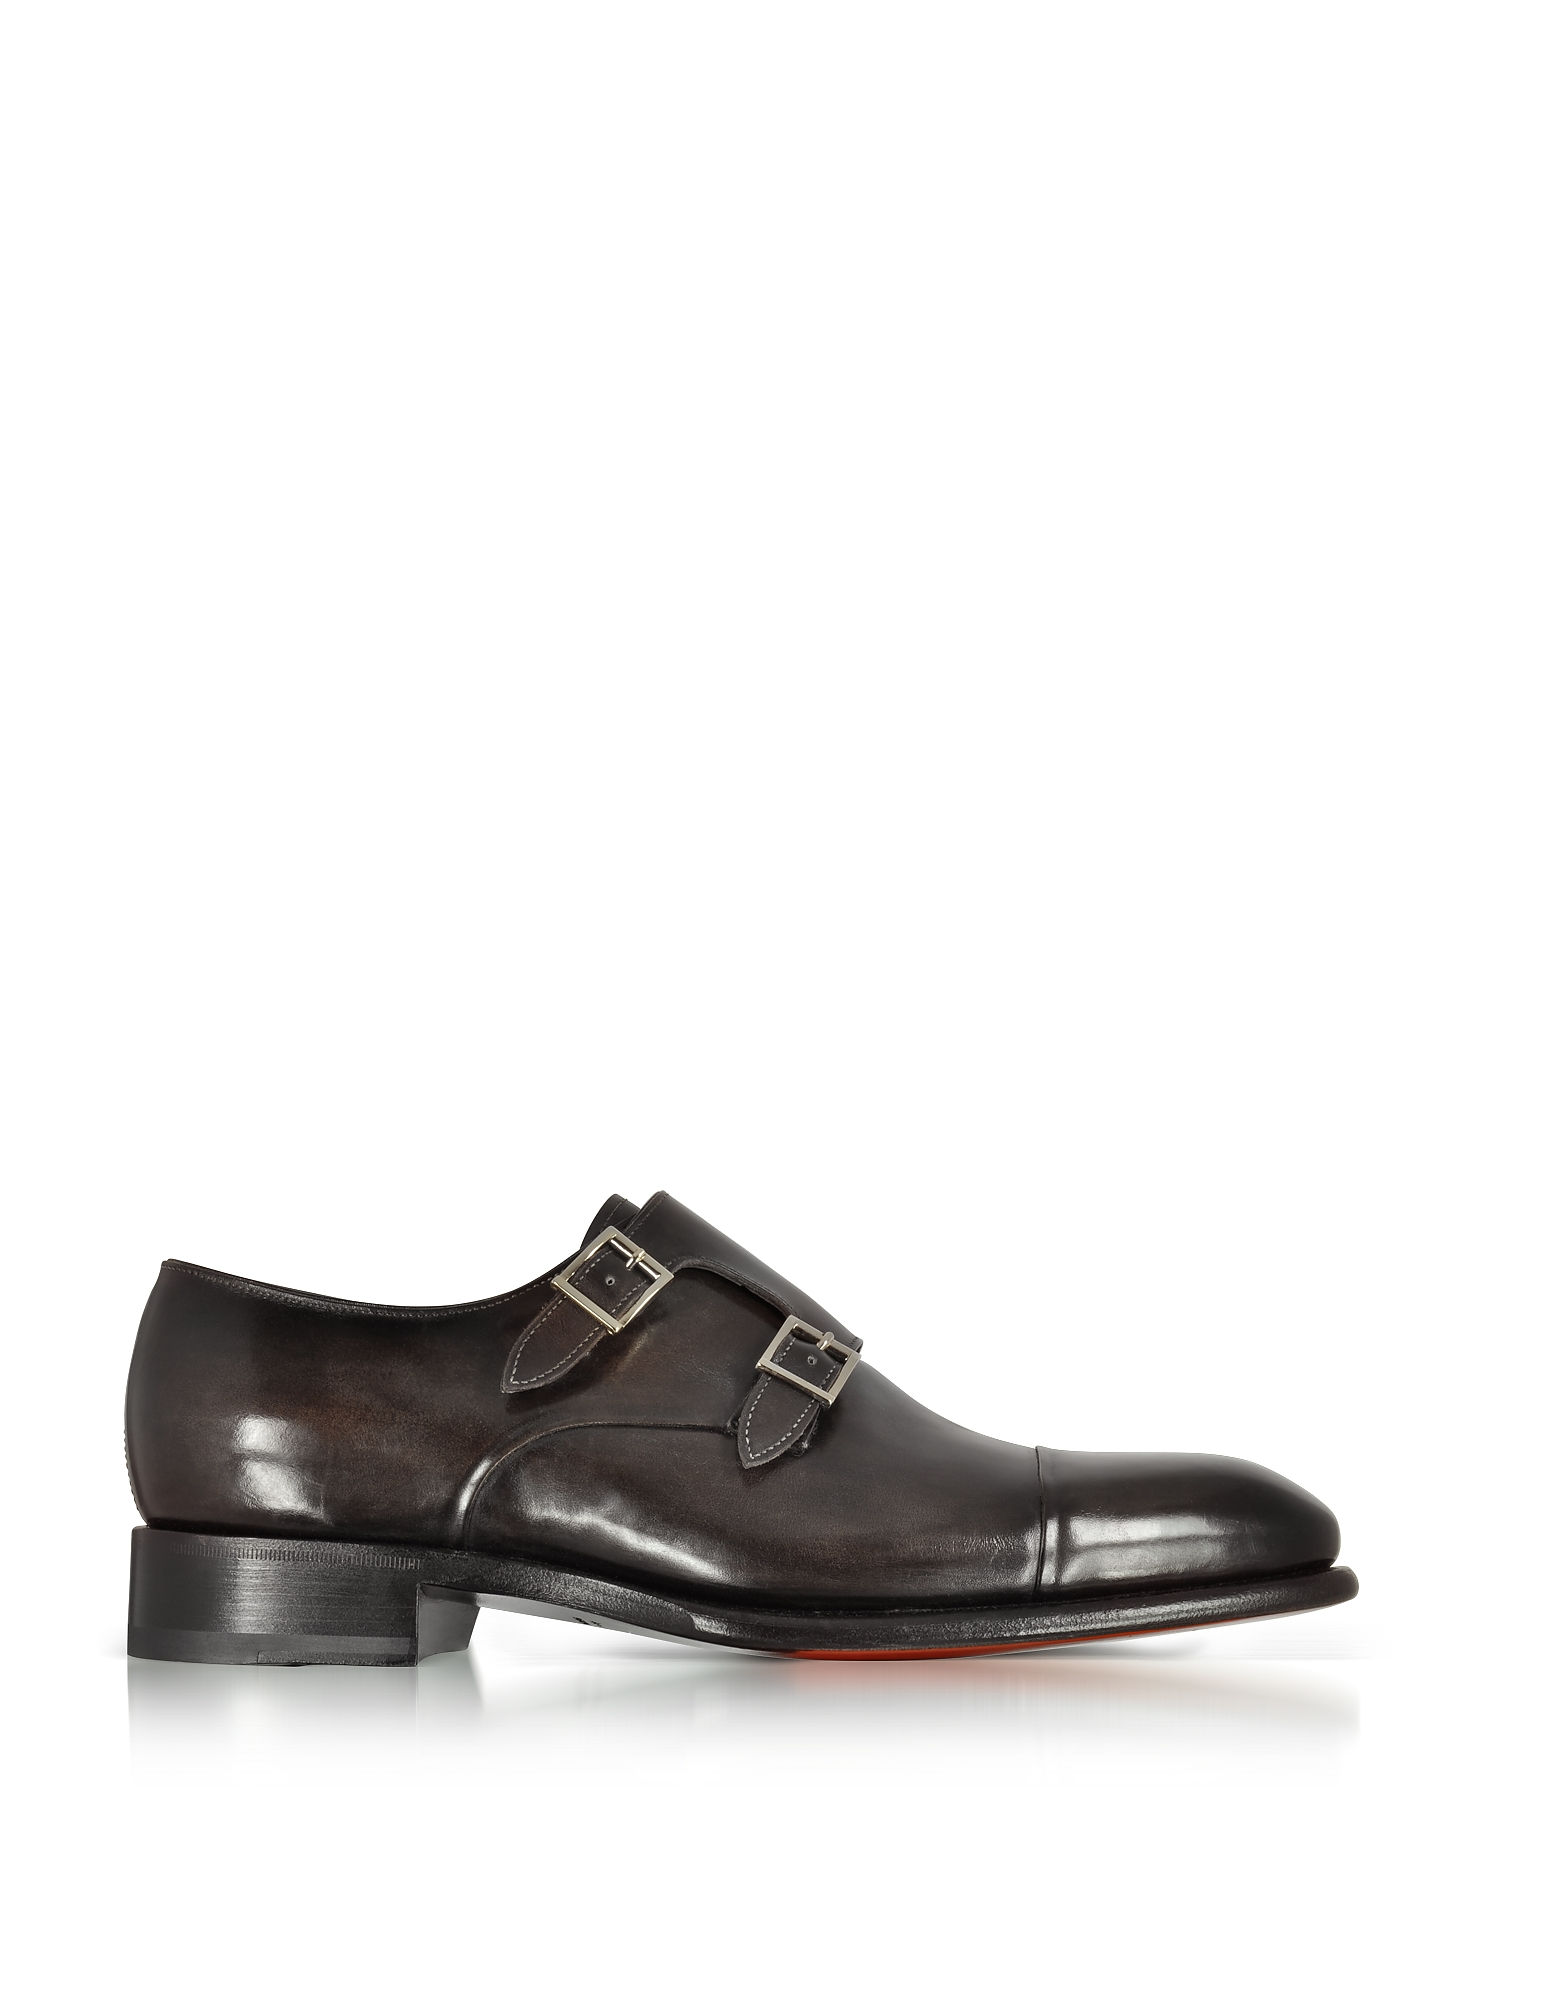 Фото Темно-коричневые Кожаные Туфли с Двойным Ремешком Спереди. Купить с доставкой